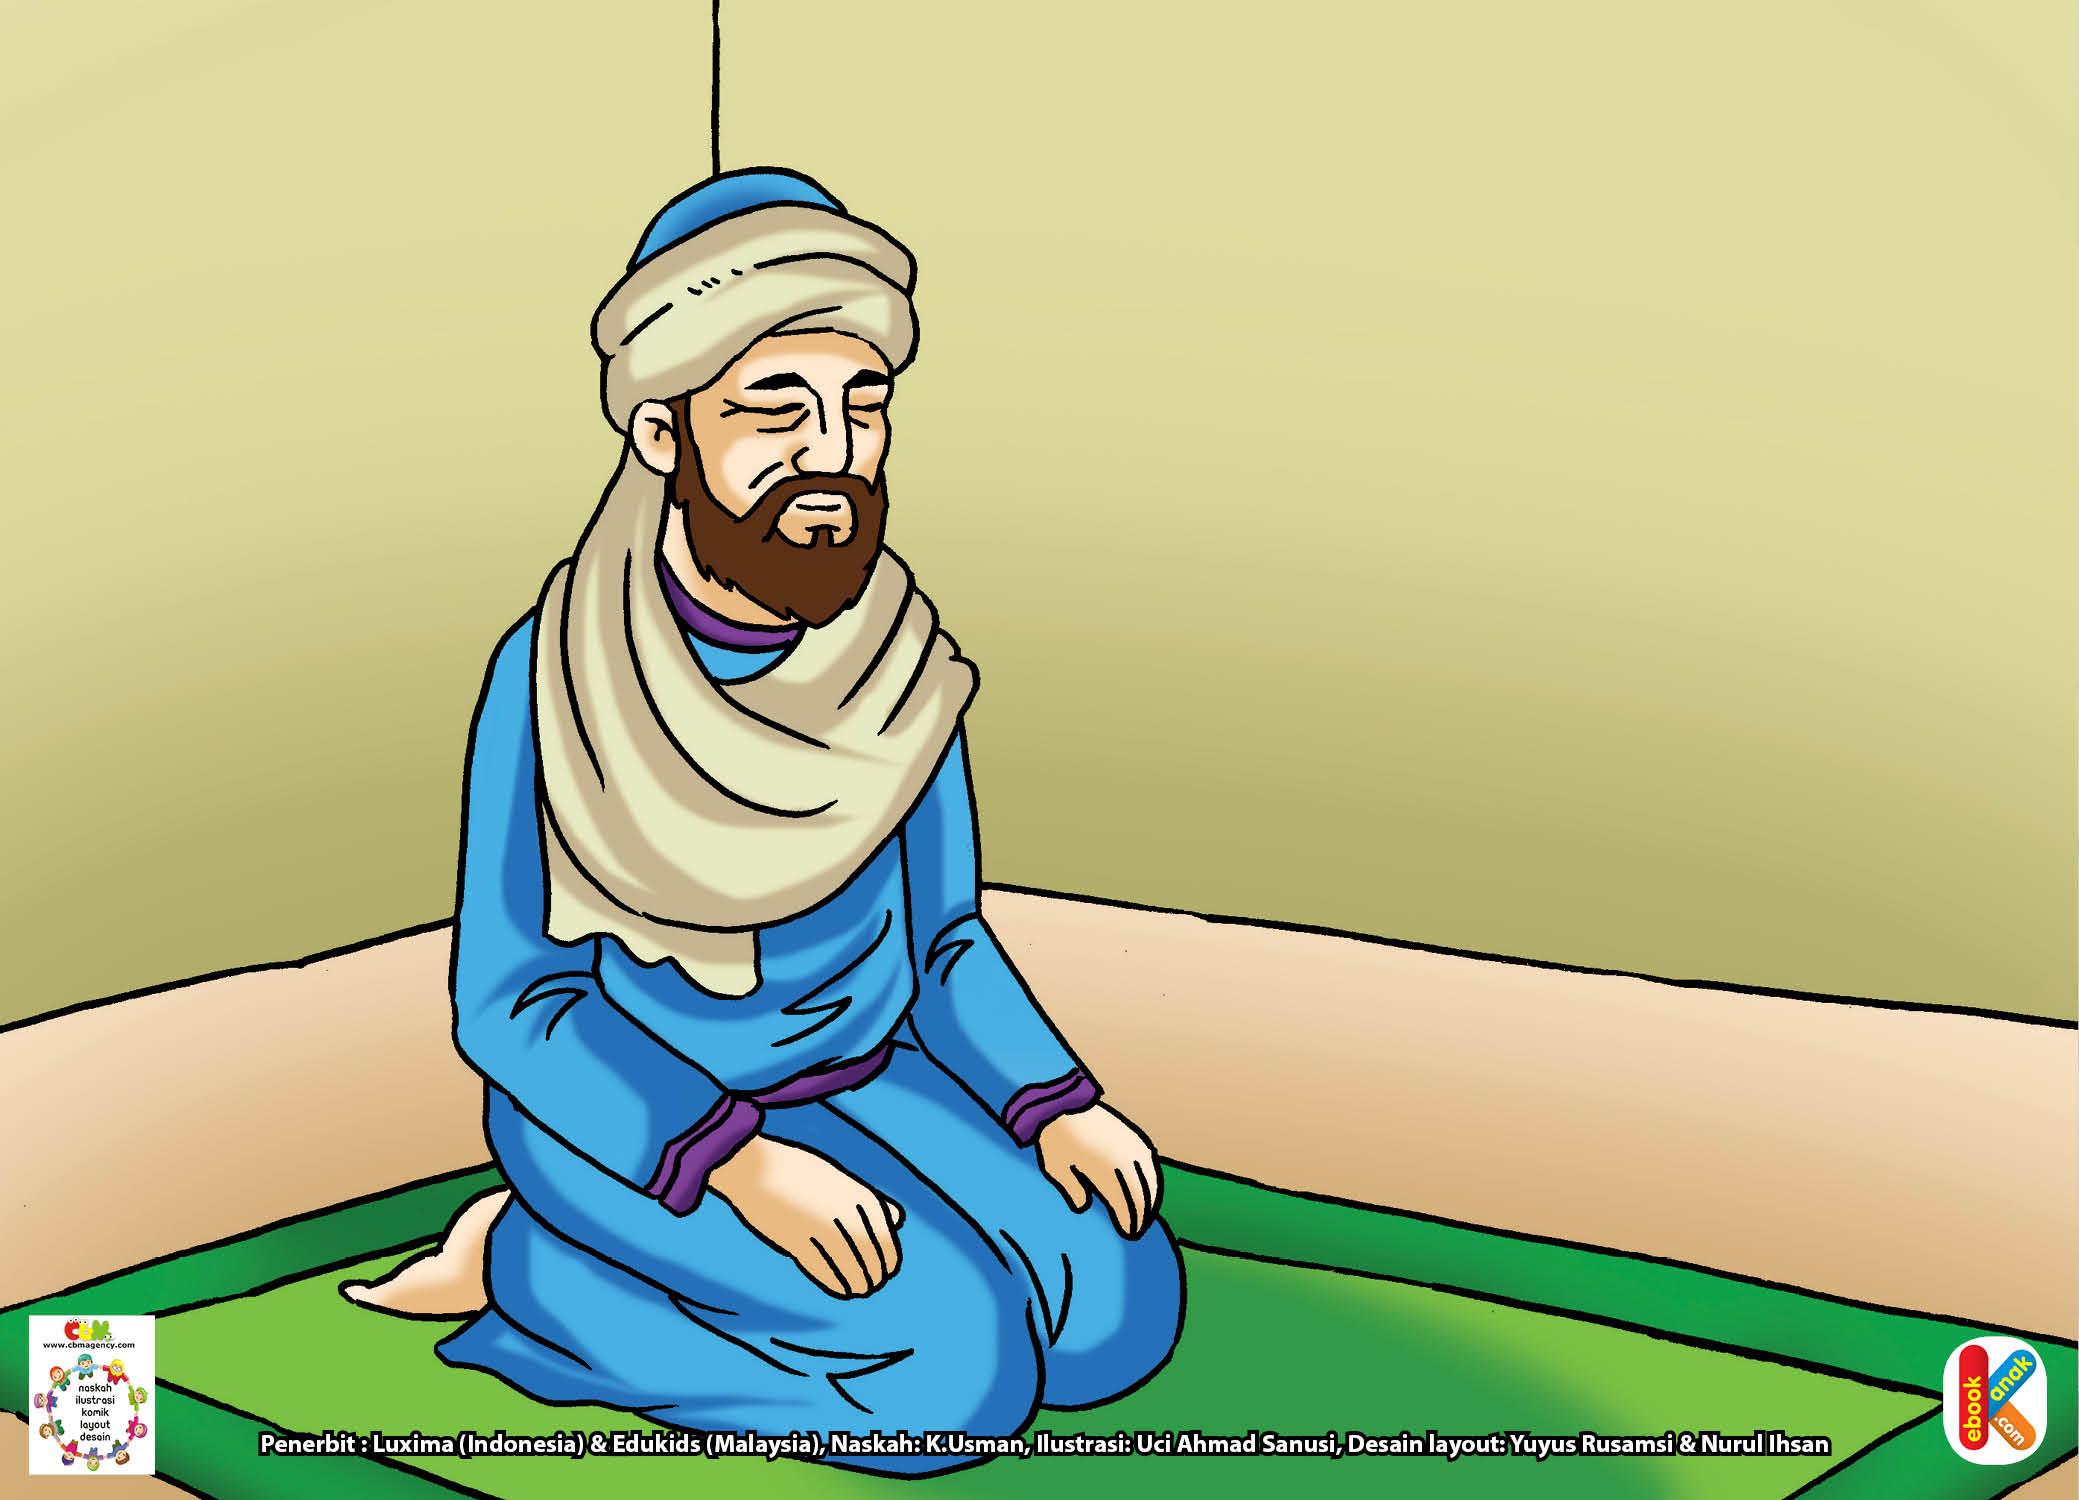 Khalifah Abu Bakar memang telah uzur dan sering sakit.